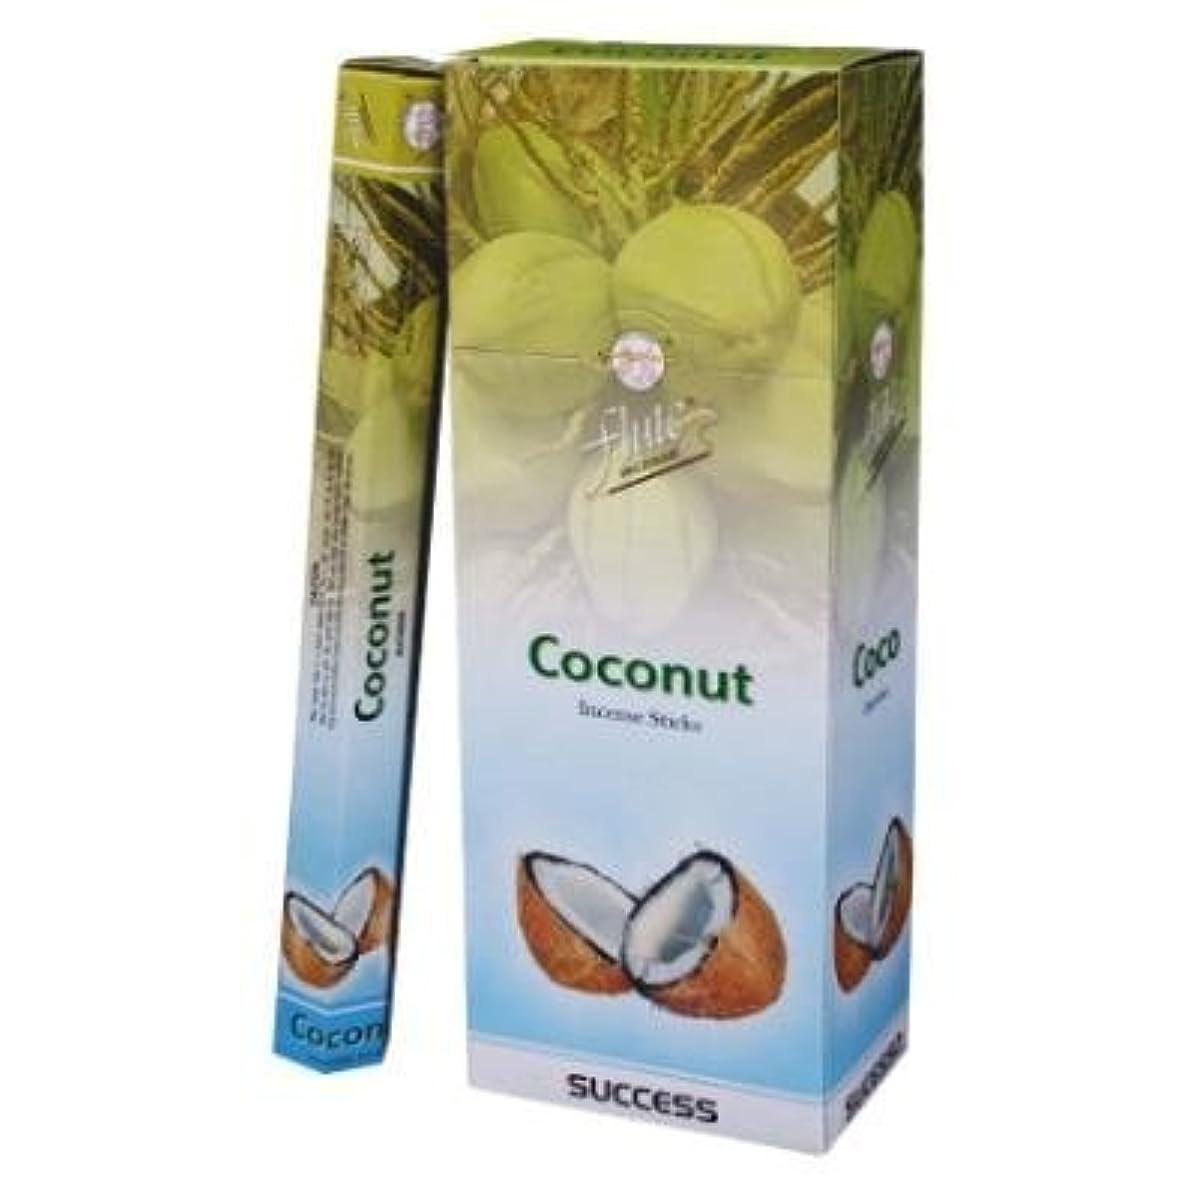 熱心教養があるで出来ているFlute Coconut Hex Incense Sticks - 20 Sticks(Single Pack) by Flute Incense [並行輸入品]